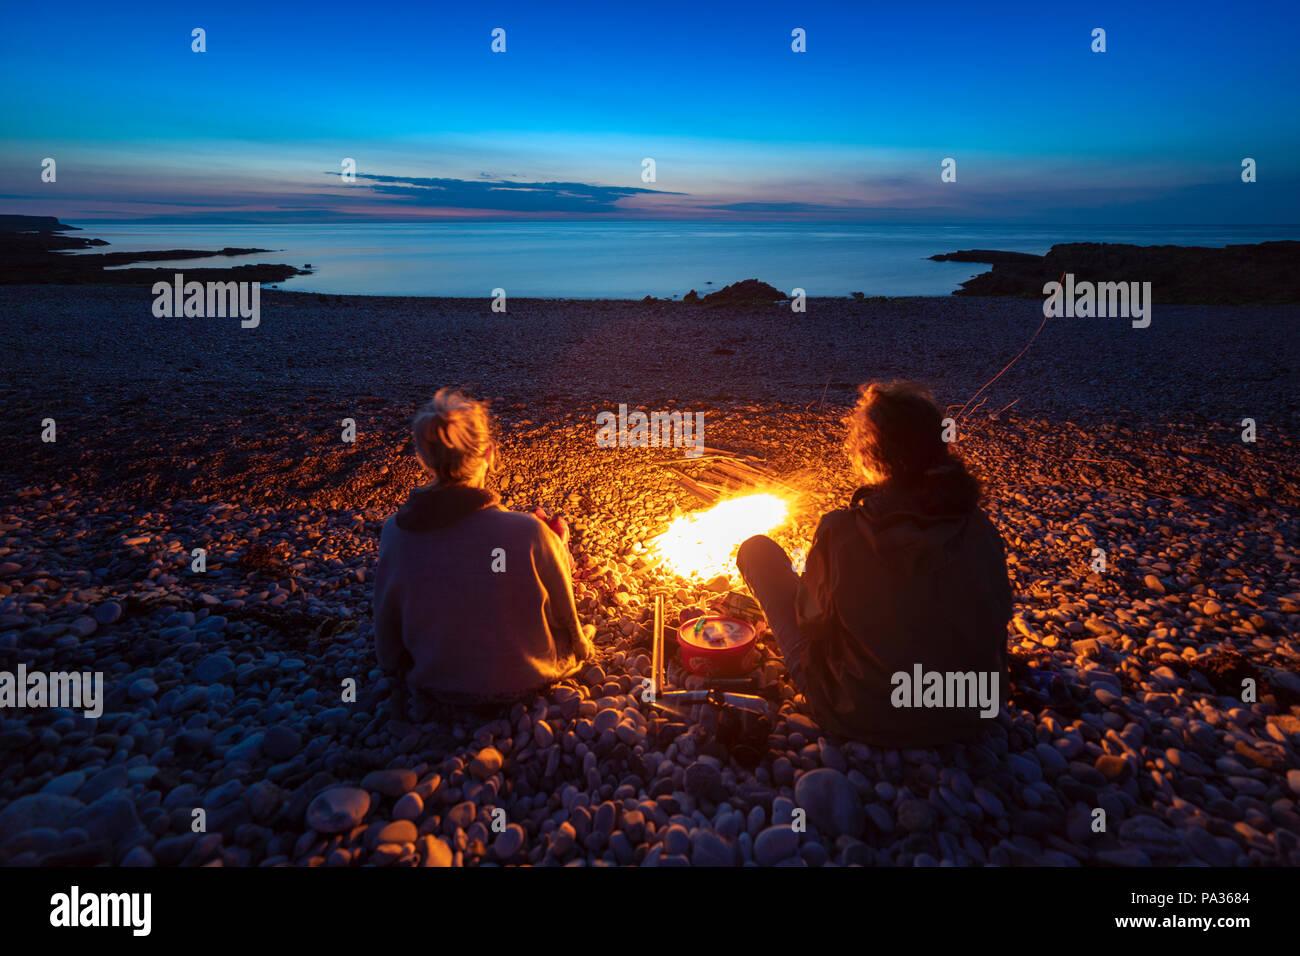 Un par de amigas sentados alrededor de un fuego de campamento en una playa de guijarros en la franja costera de Penmon popular punto en Anglesey contemplando el atardecer Imagen De Stock